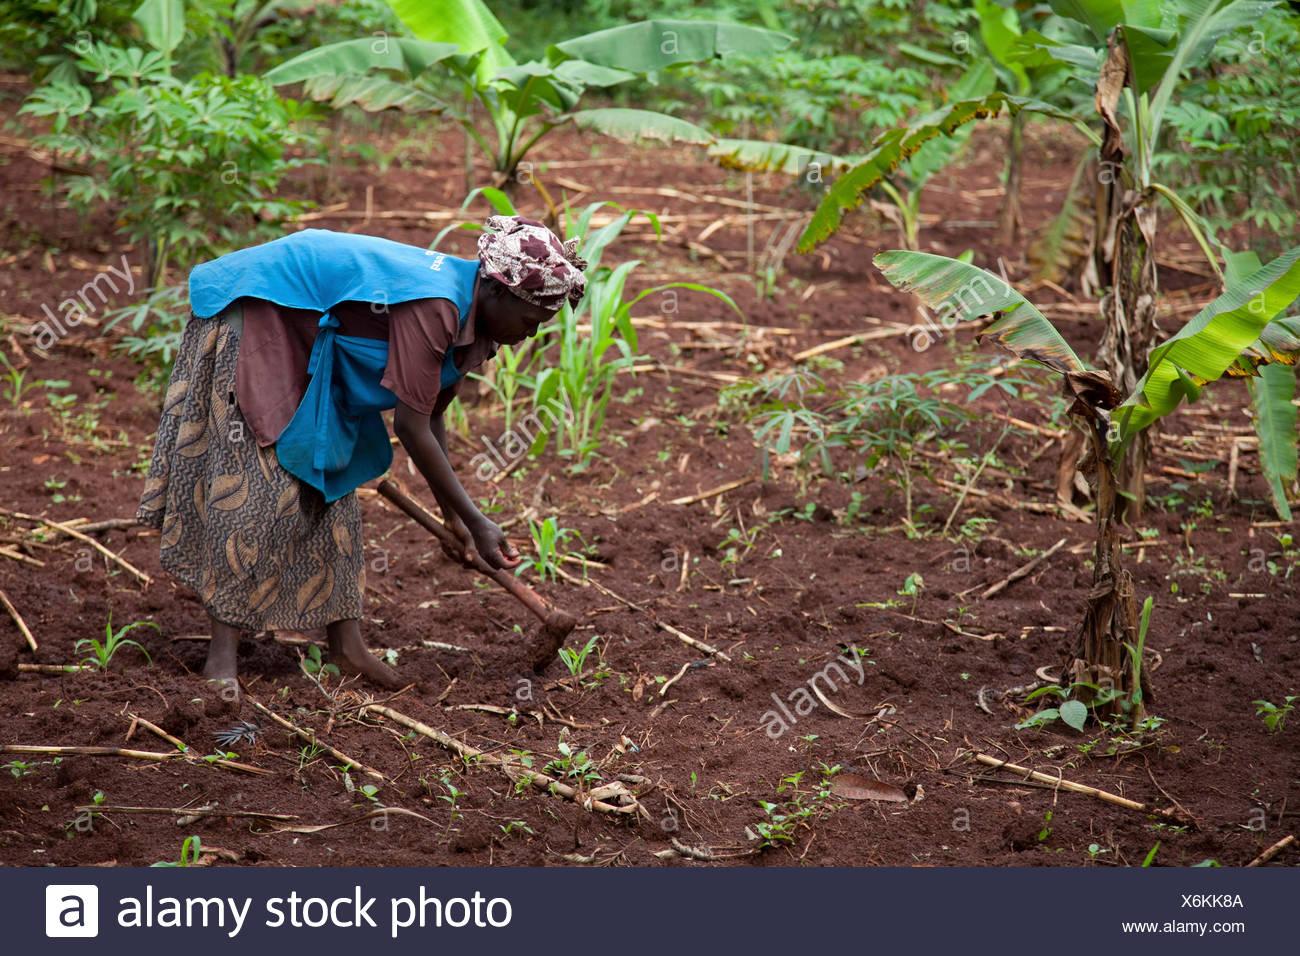 Mujer de agricultura está trabajando en su campo con un hacha, en Jinja, Uganda Imagen De Stock